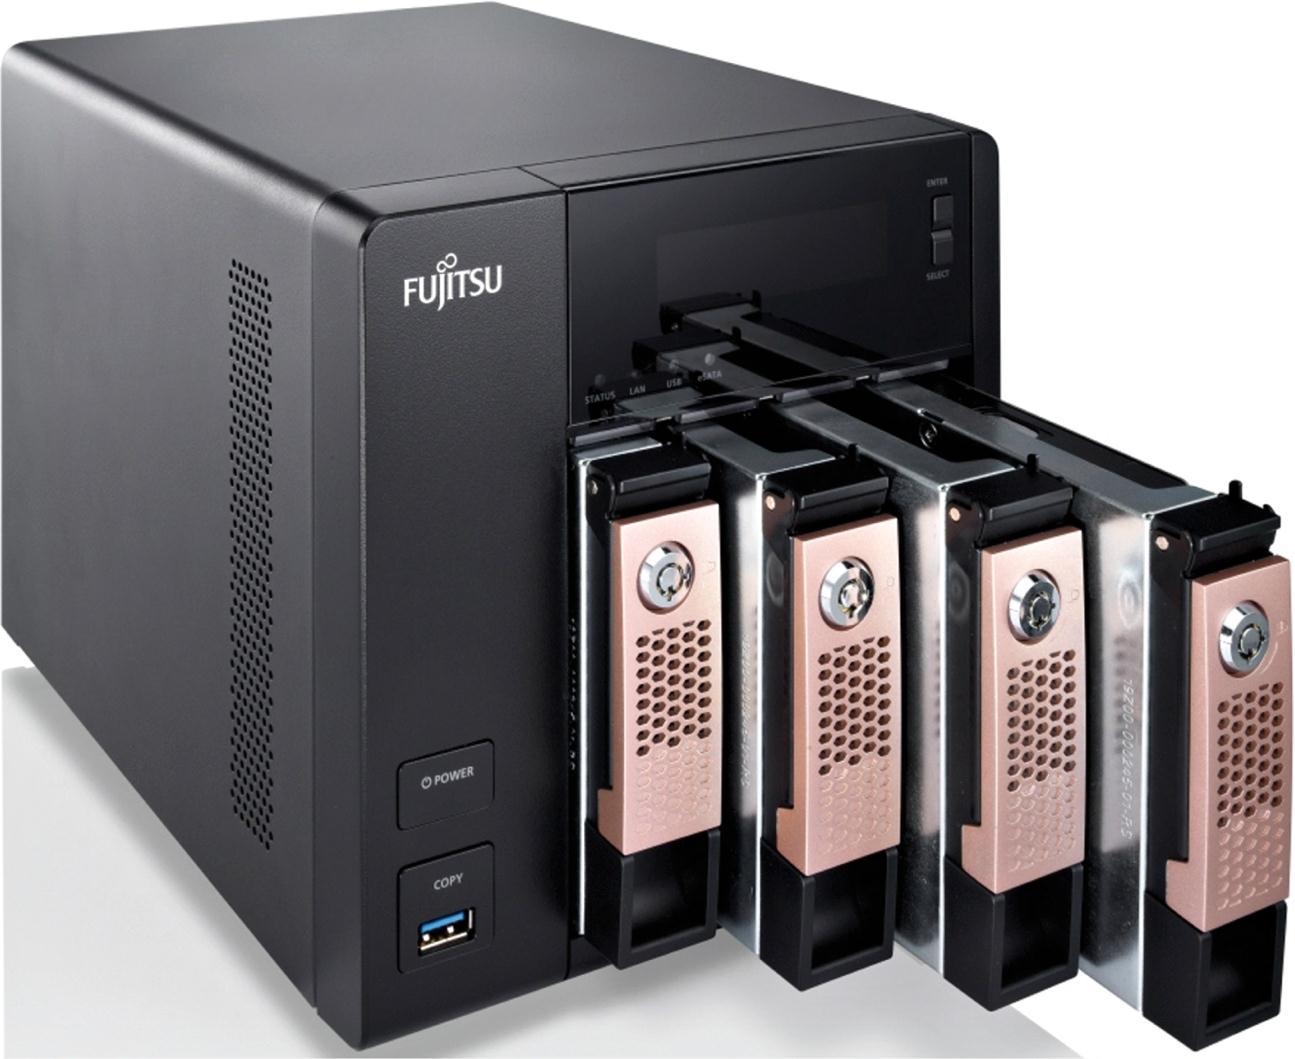 Fujitsu CELVIN Q802 8TB (4 x 2TB) 4-Bay NAS Server